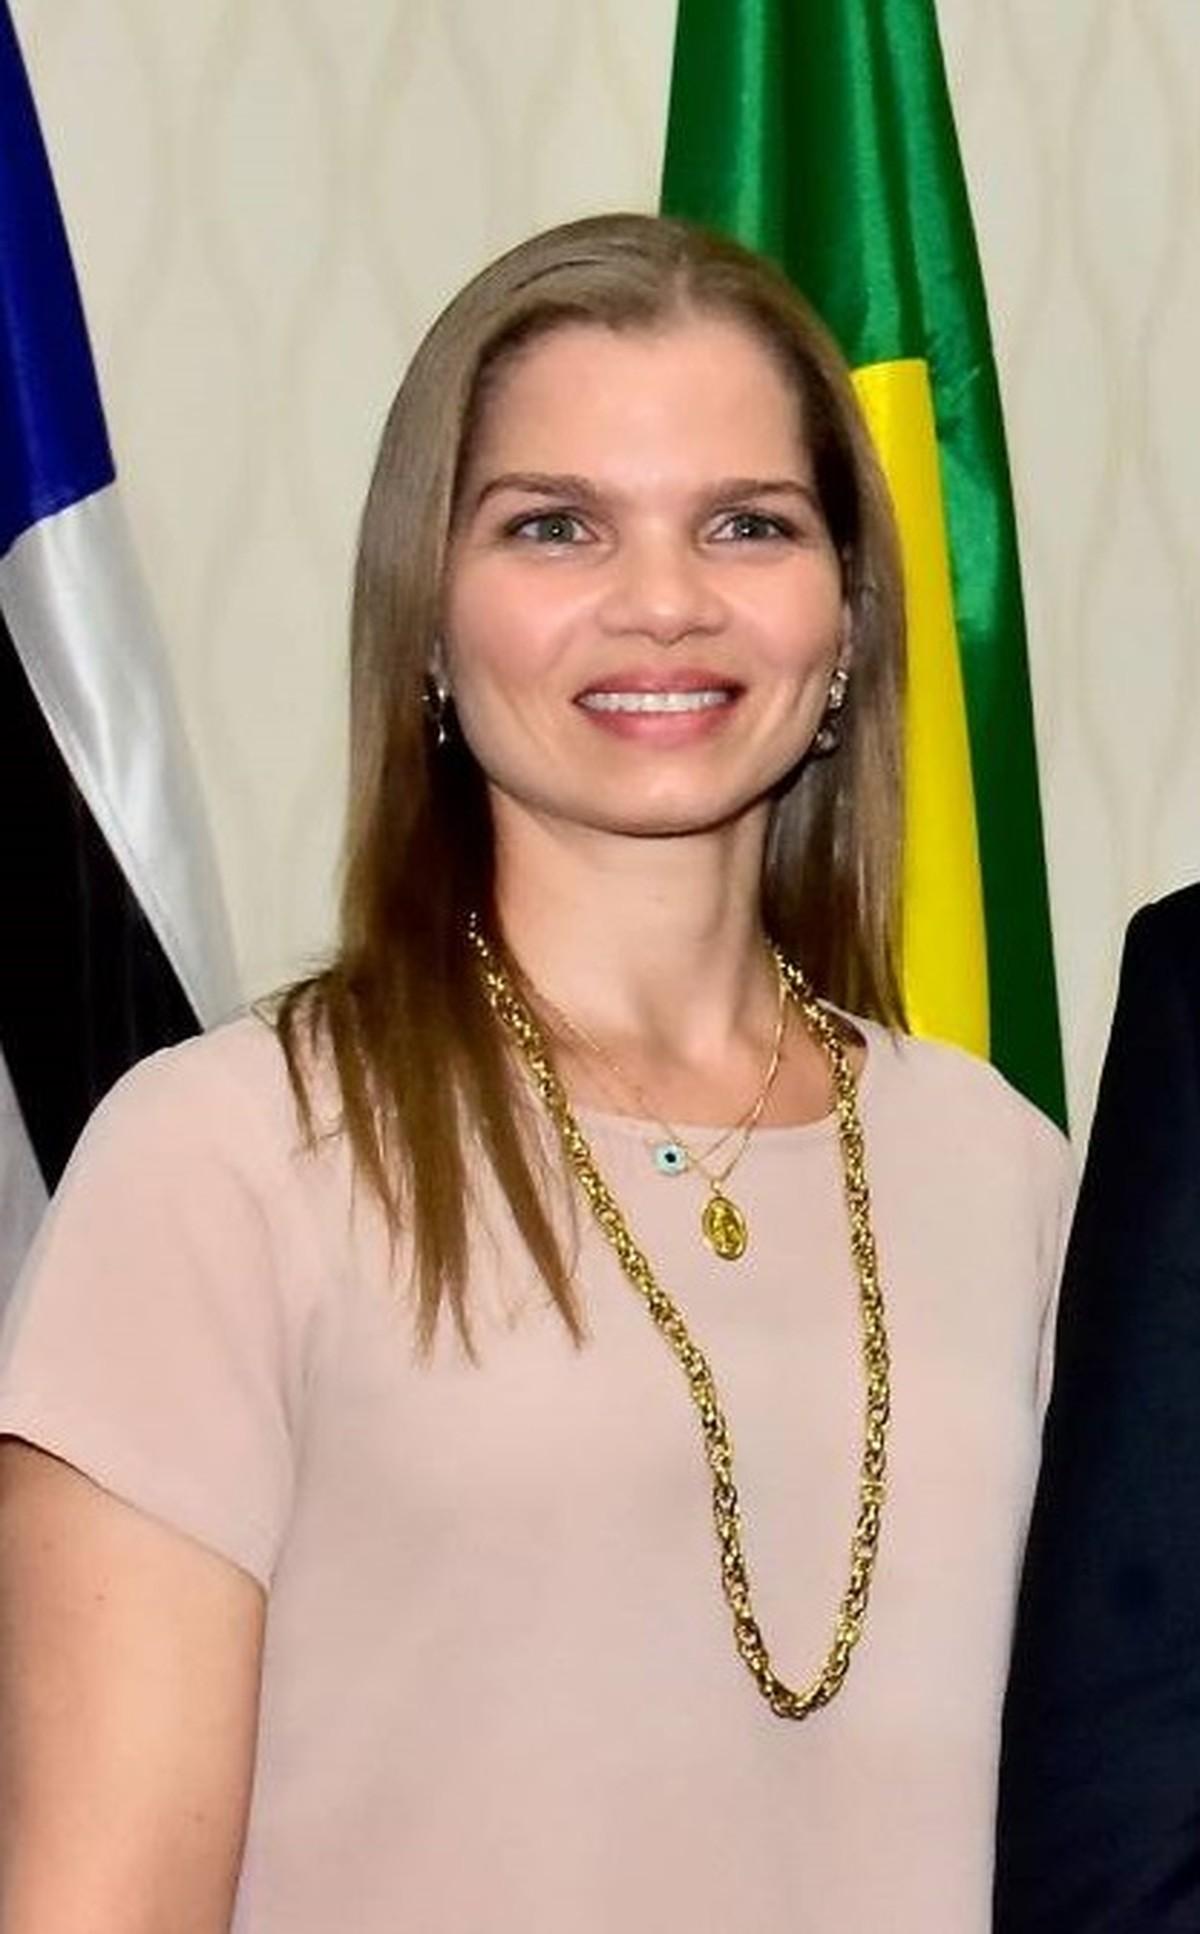 Prefeitura anuncia Natália Mandarino como nova secretária de Saúde ...